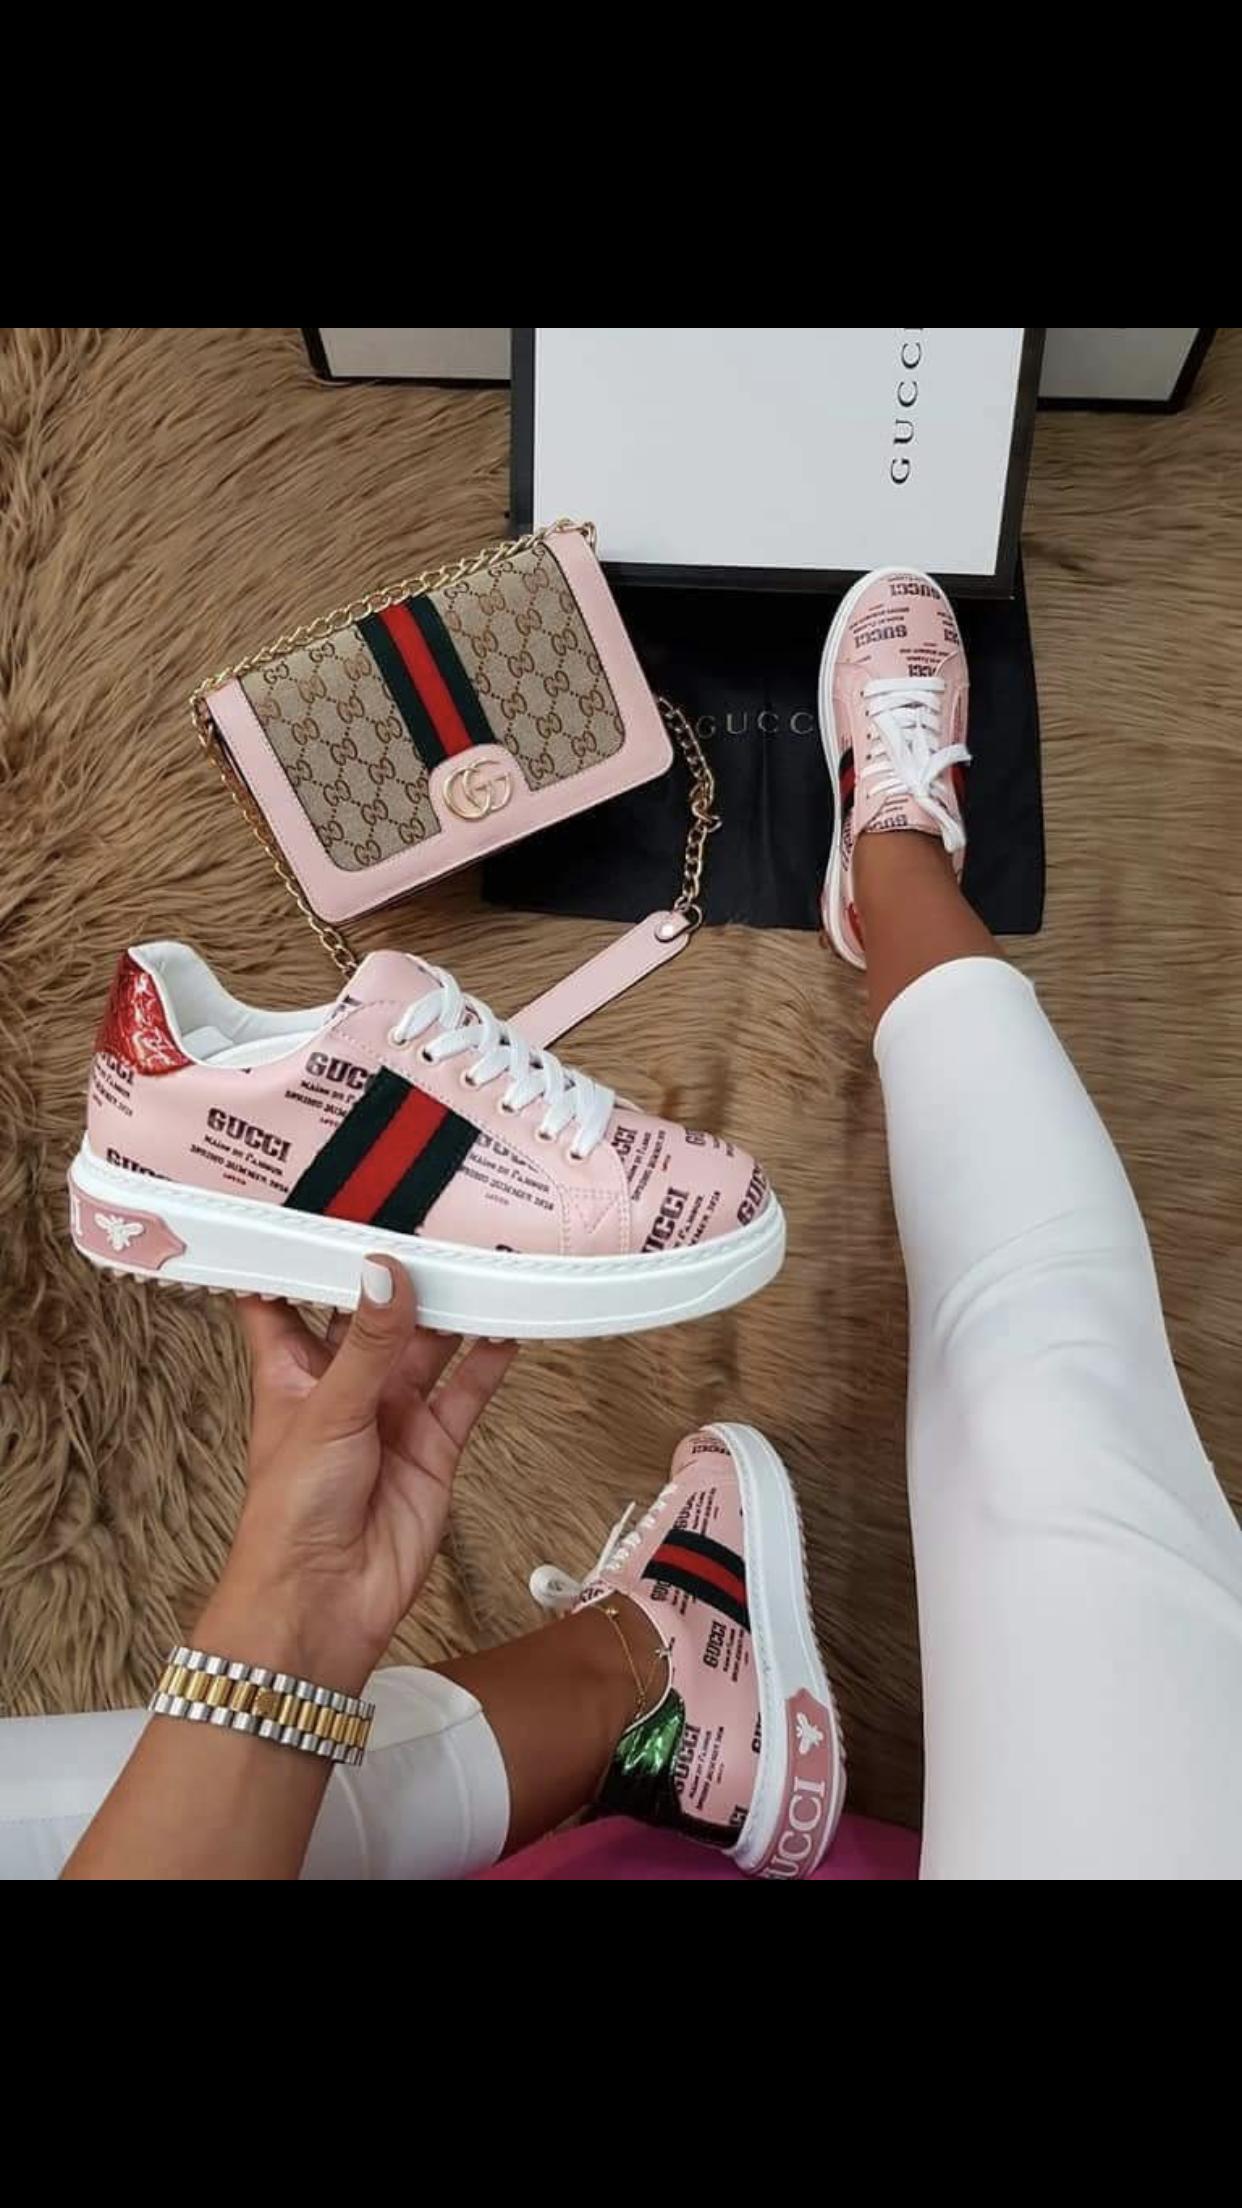 Pin Von Katharina Harder Auf Shoes Gucci Schuhe Damen Sneaker Schuhe Damen Sneaker Gucci Schuhe